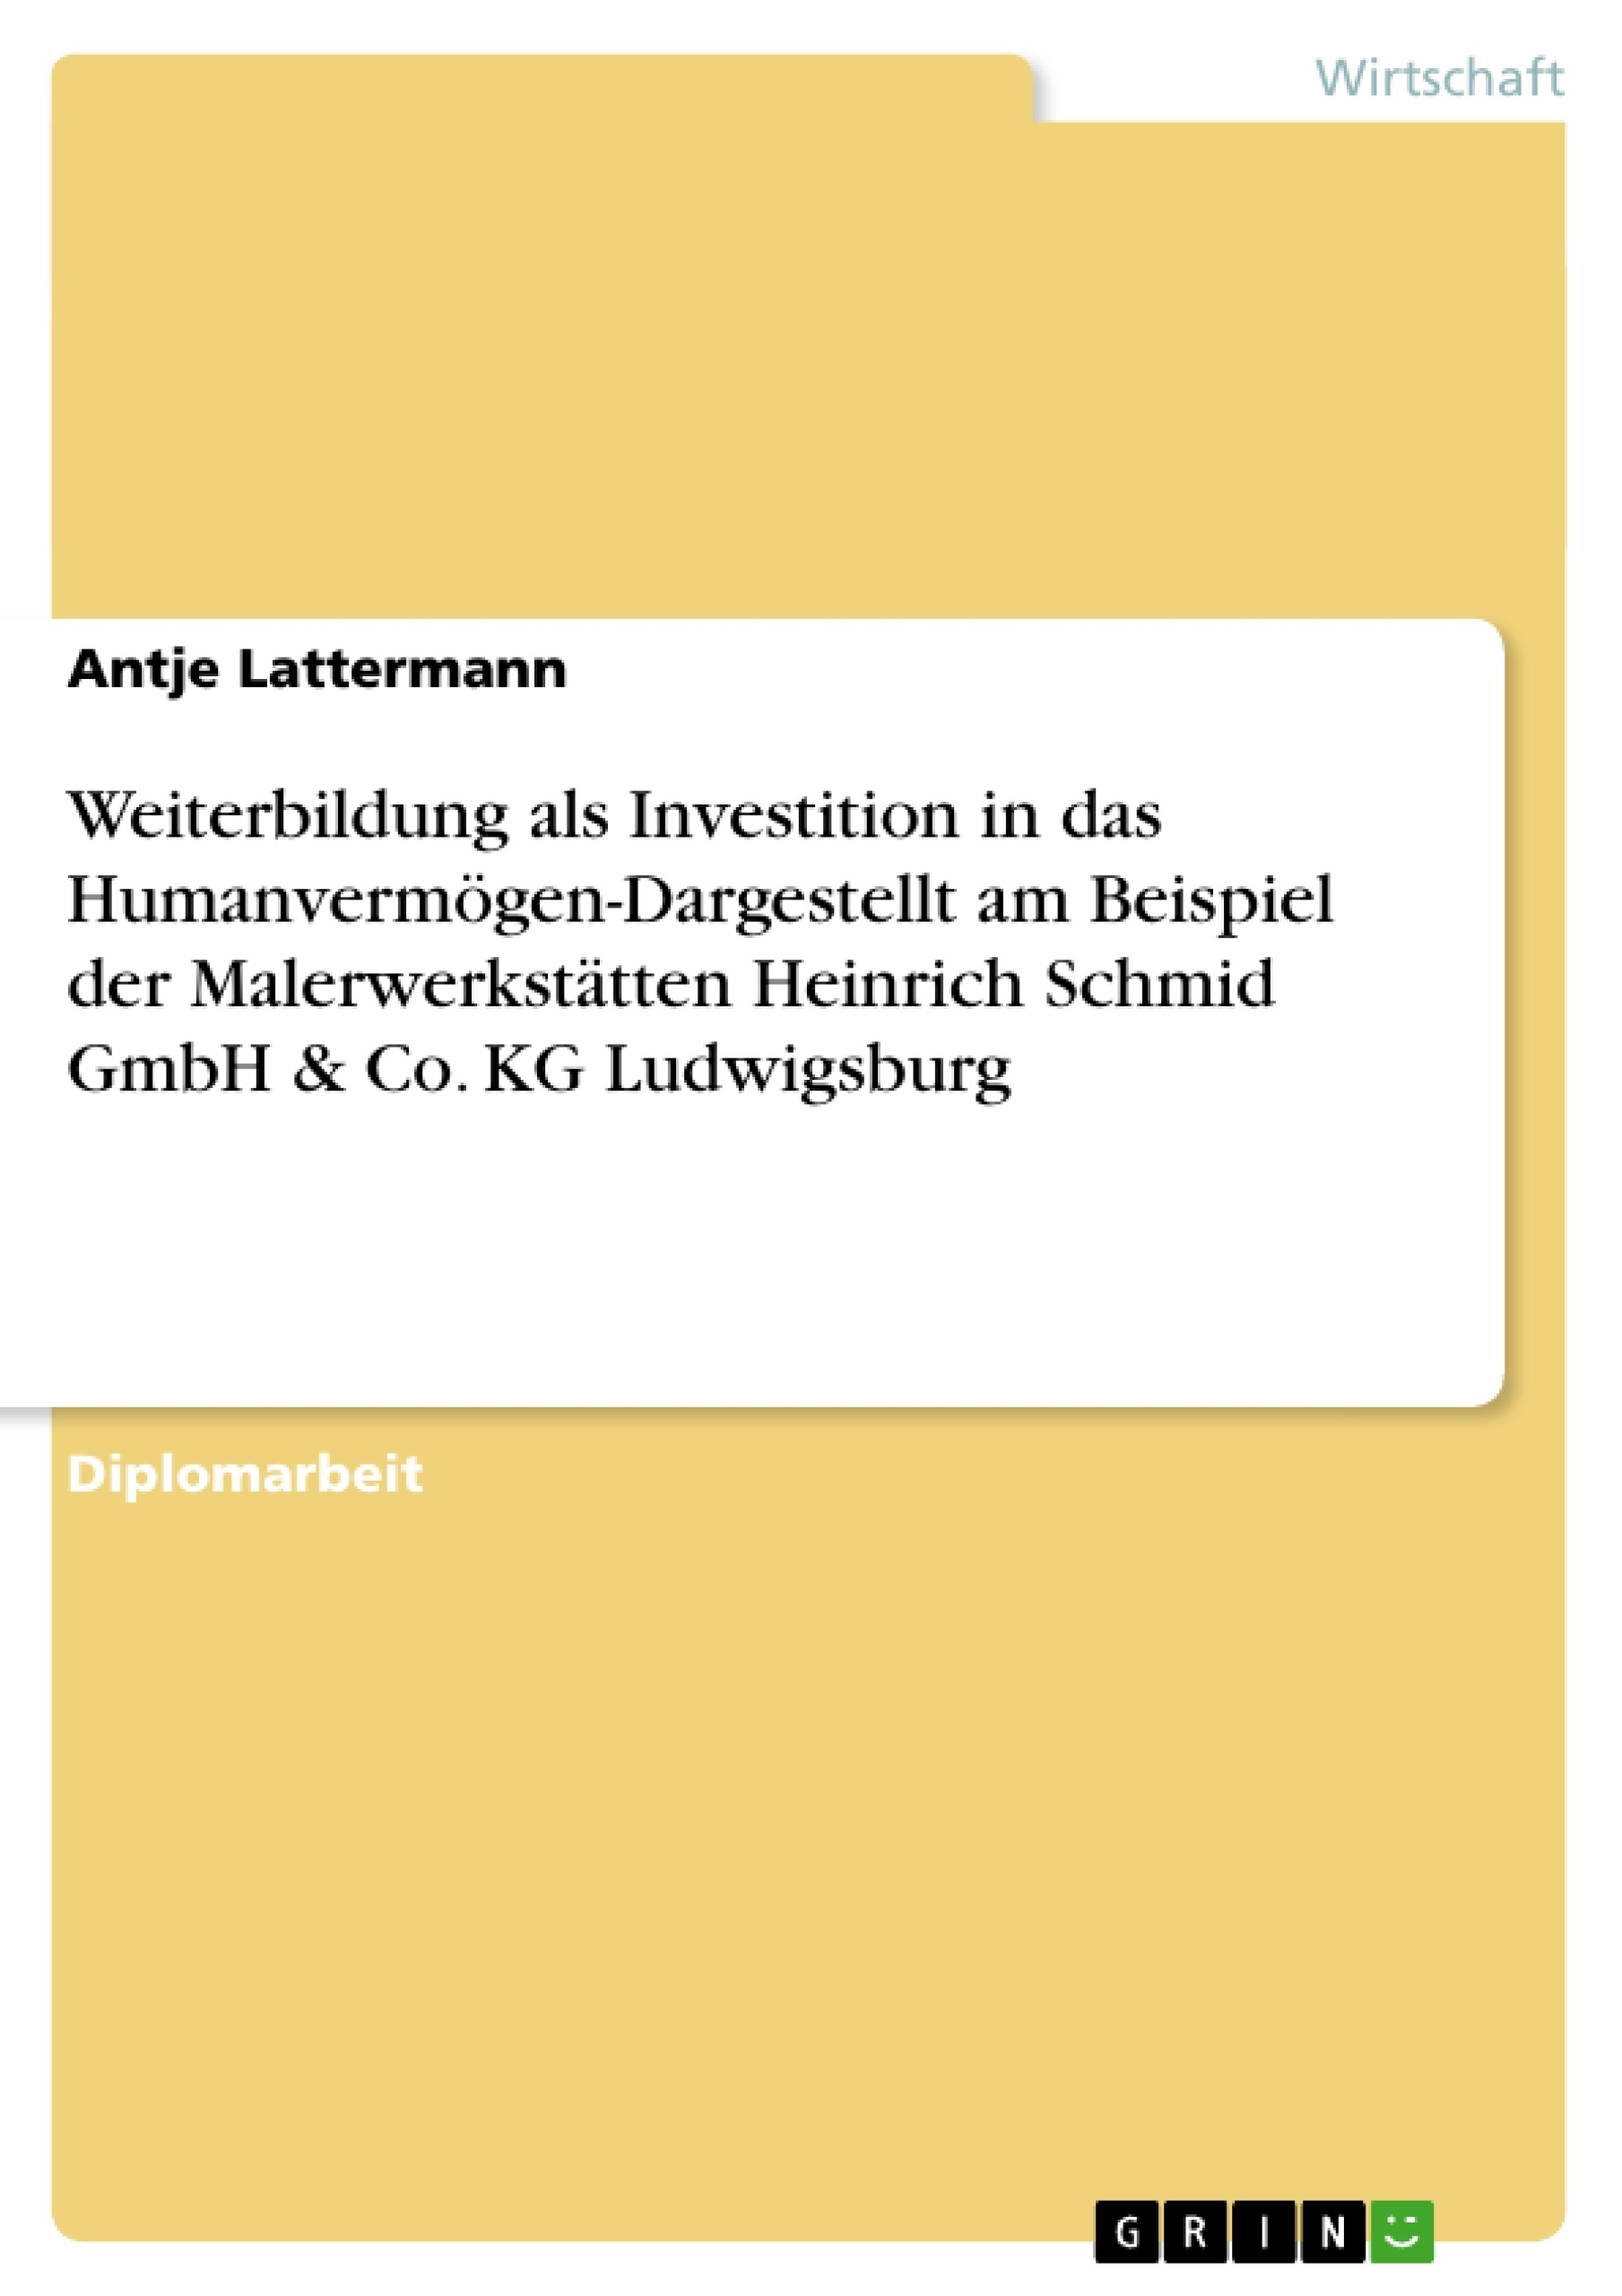 Titel: Weiterbildung als Investition in das Humanvermögen-Dargestellt am Beispiel der Malerwerkstätten Heinrich Schmid GmbH & Co. KG Ludwigsburg